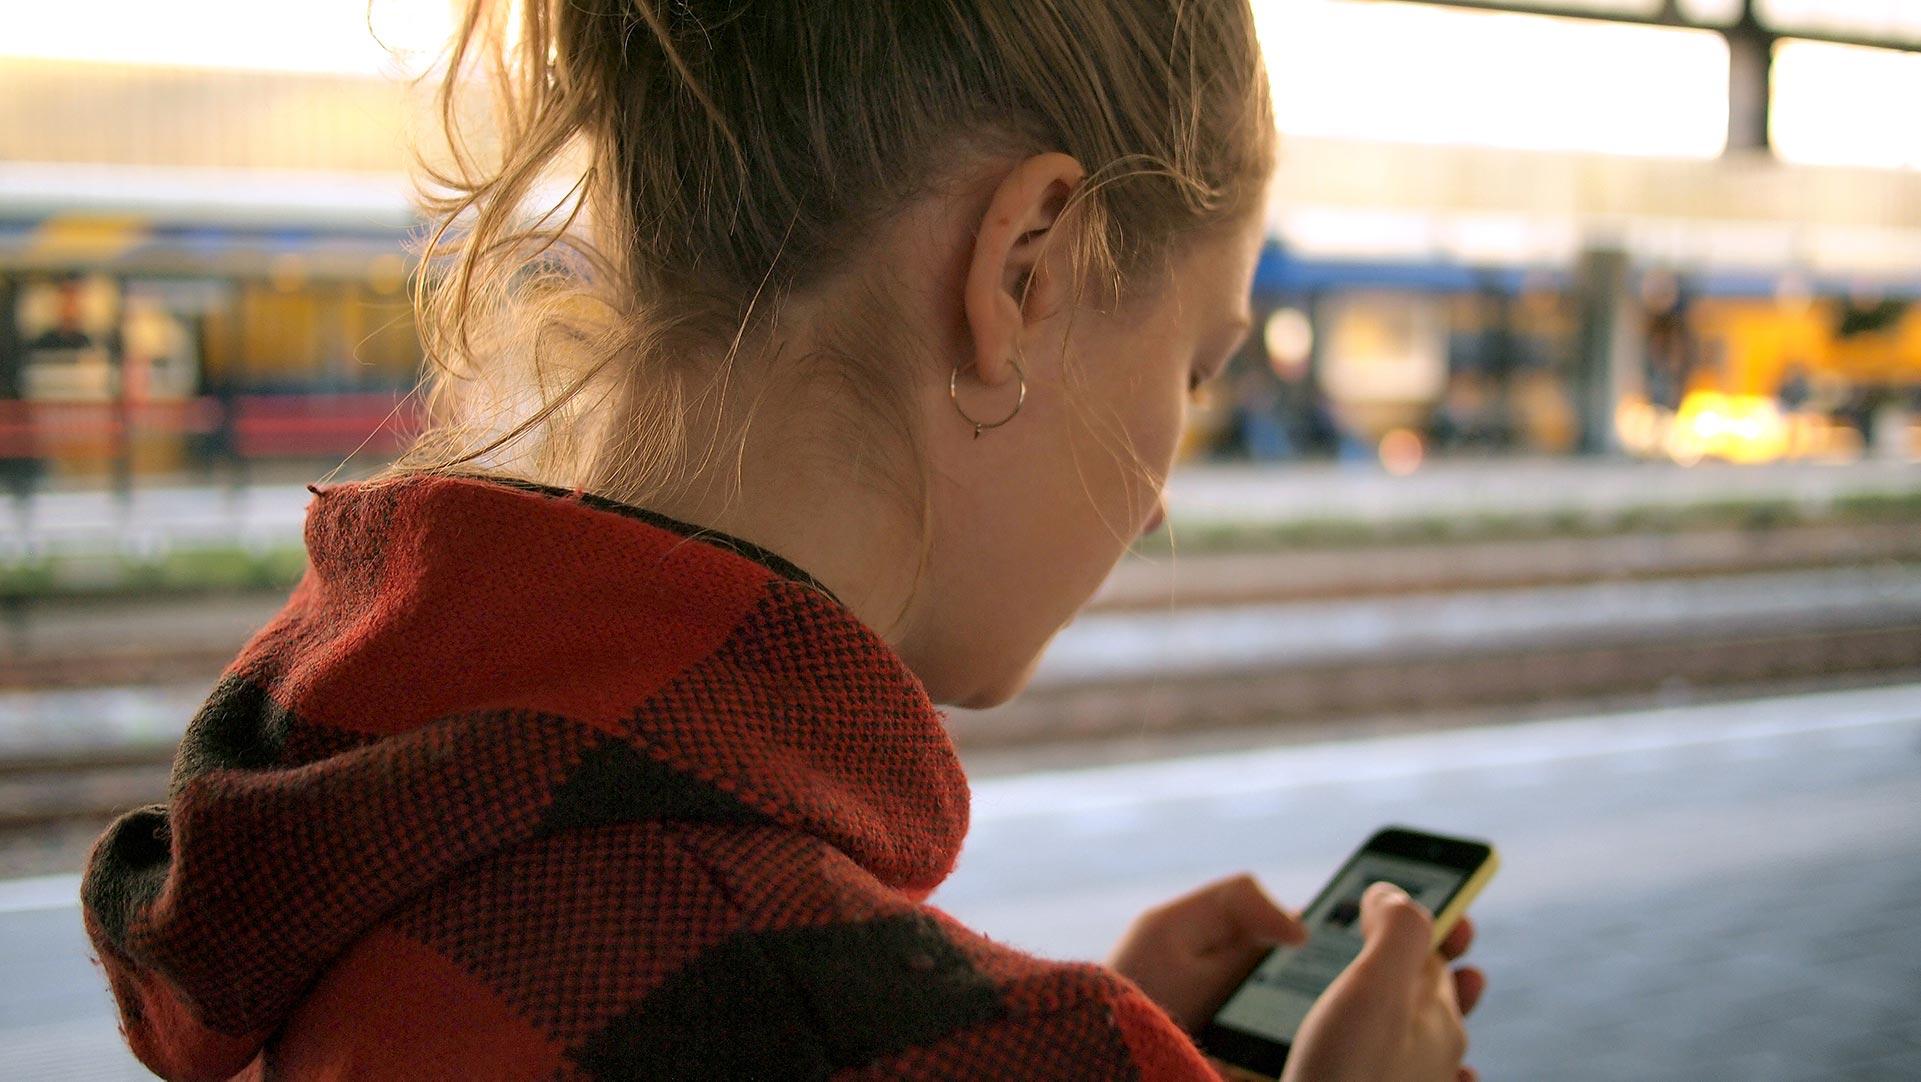 Frau hält Handy am Bahngleis